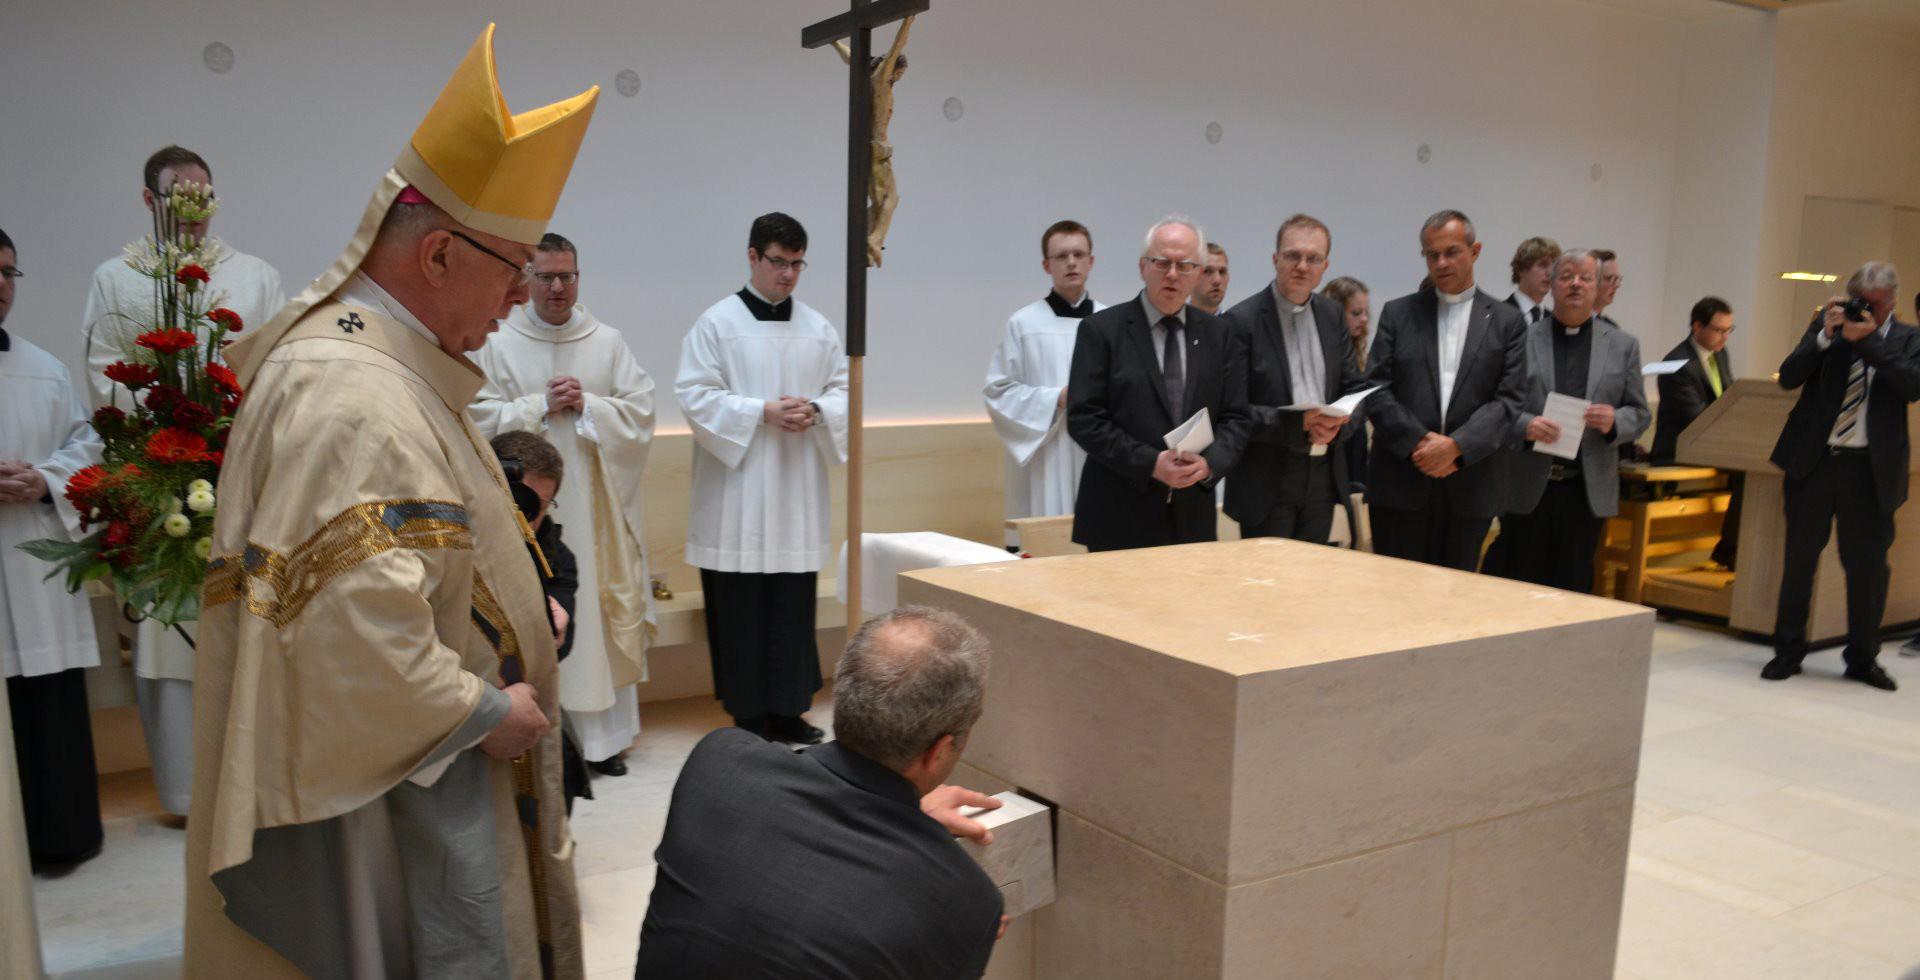 Die Hausgemeinschaft des Priesterseminars mit Ihren Gästen